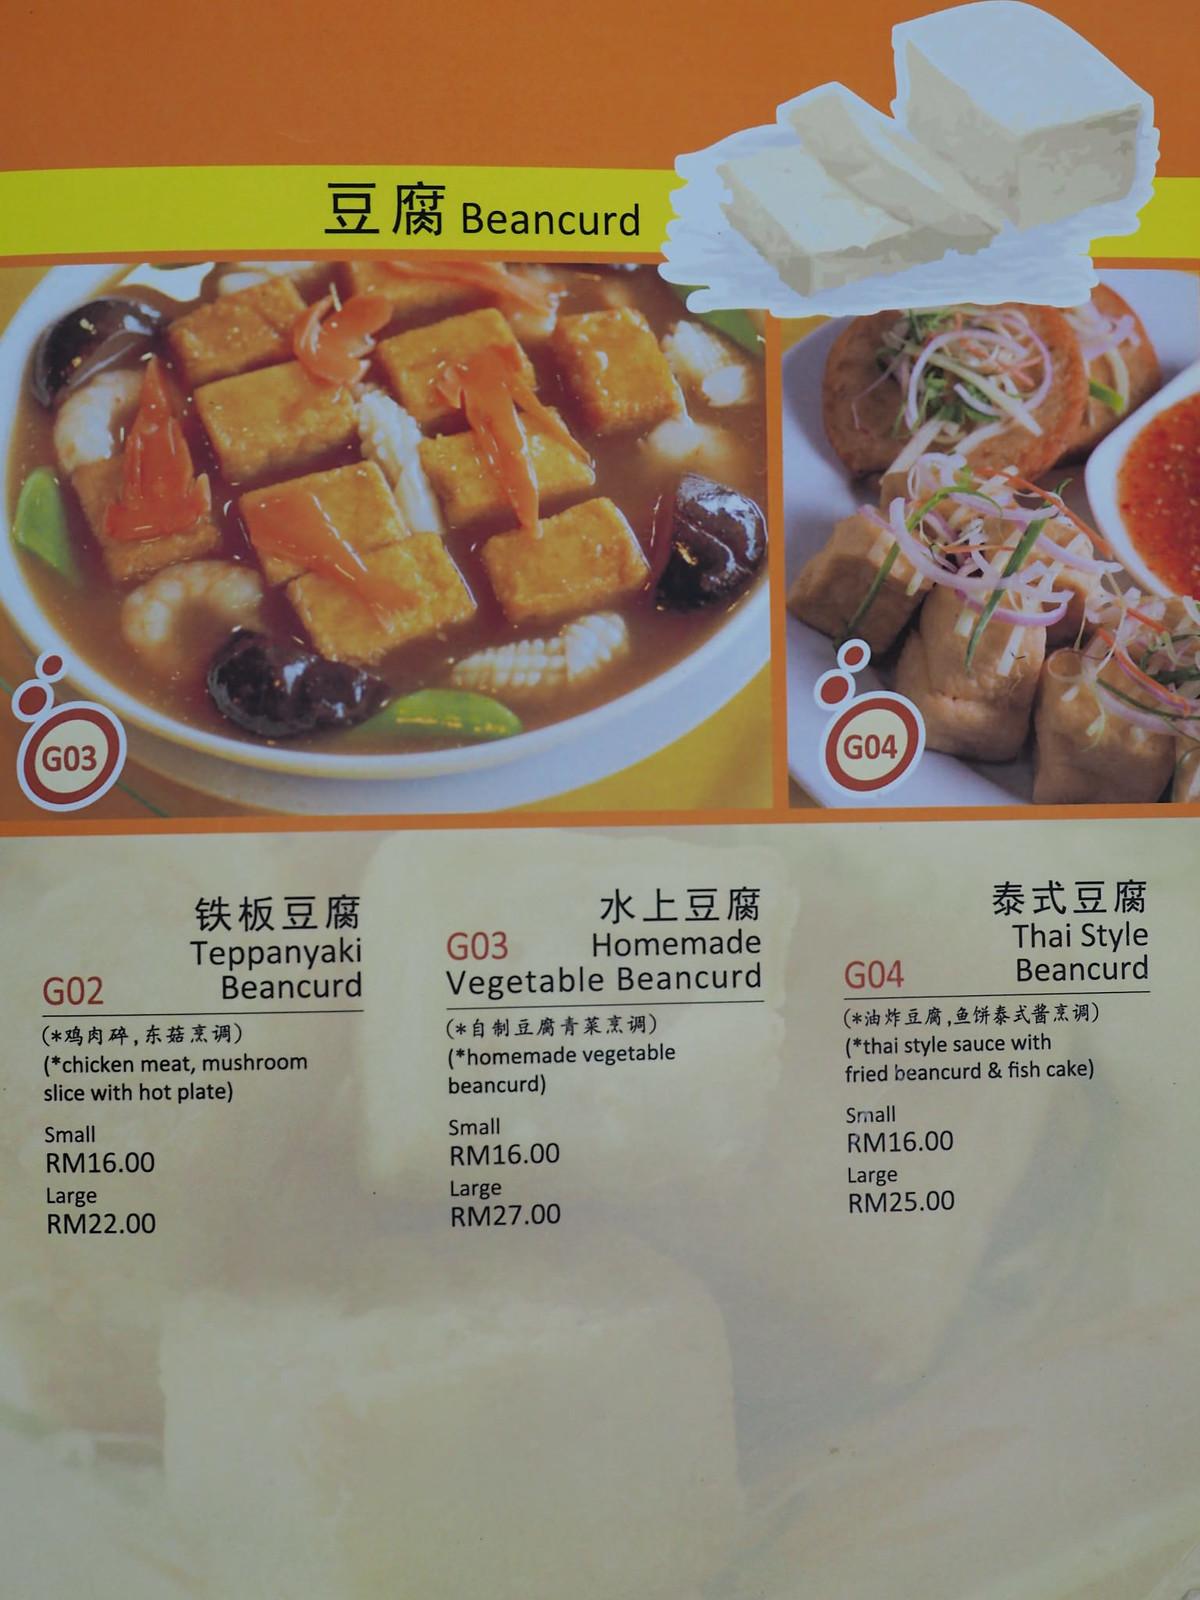 Beancurd menu from Pangkor Village Seafood, Taman Megah